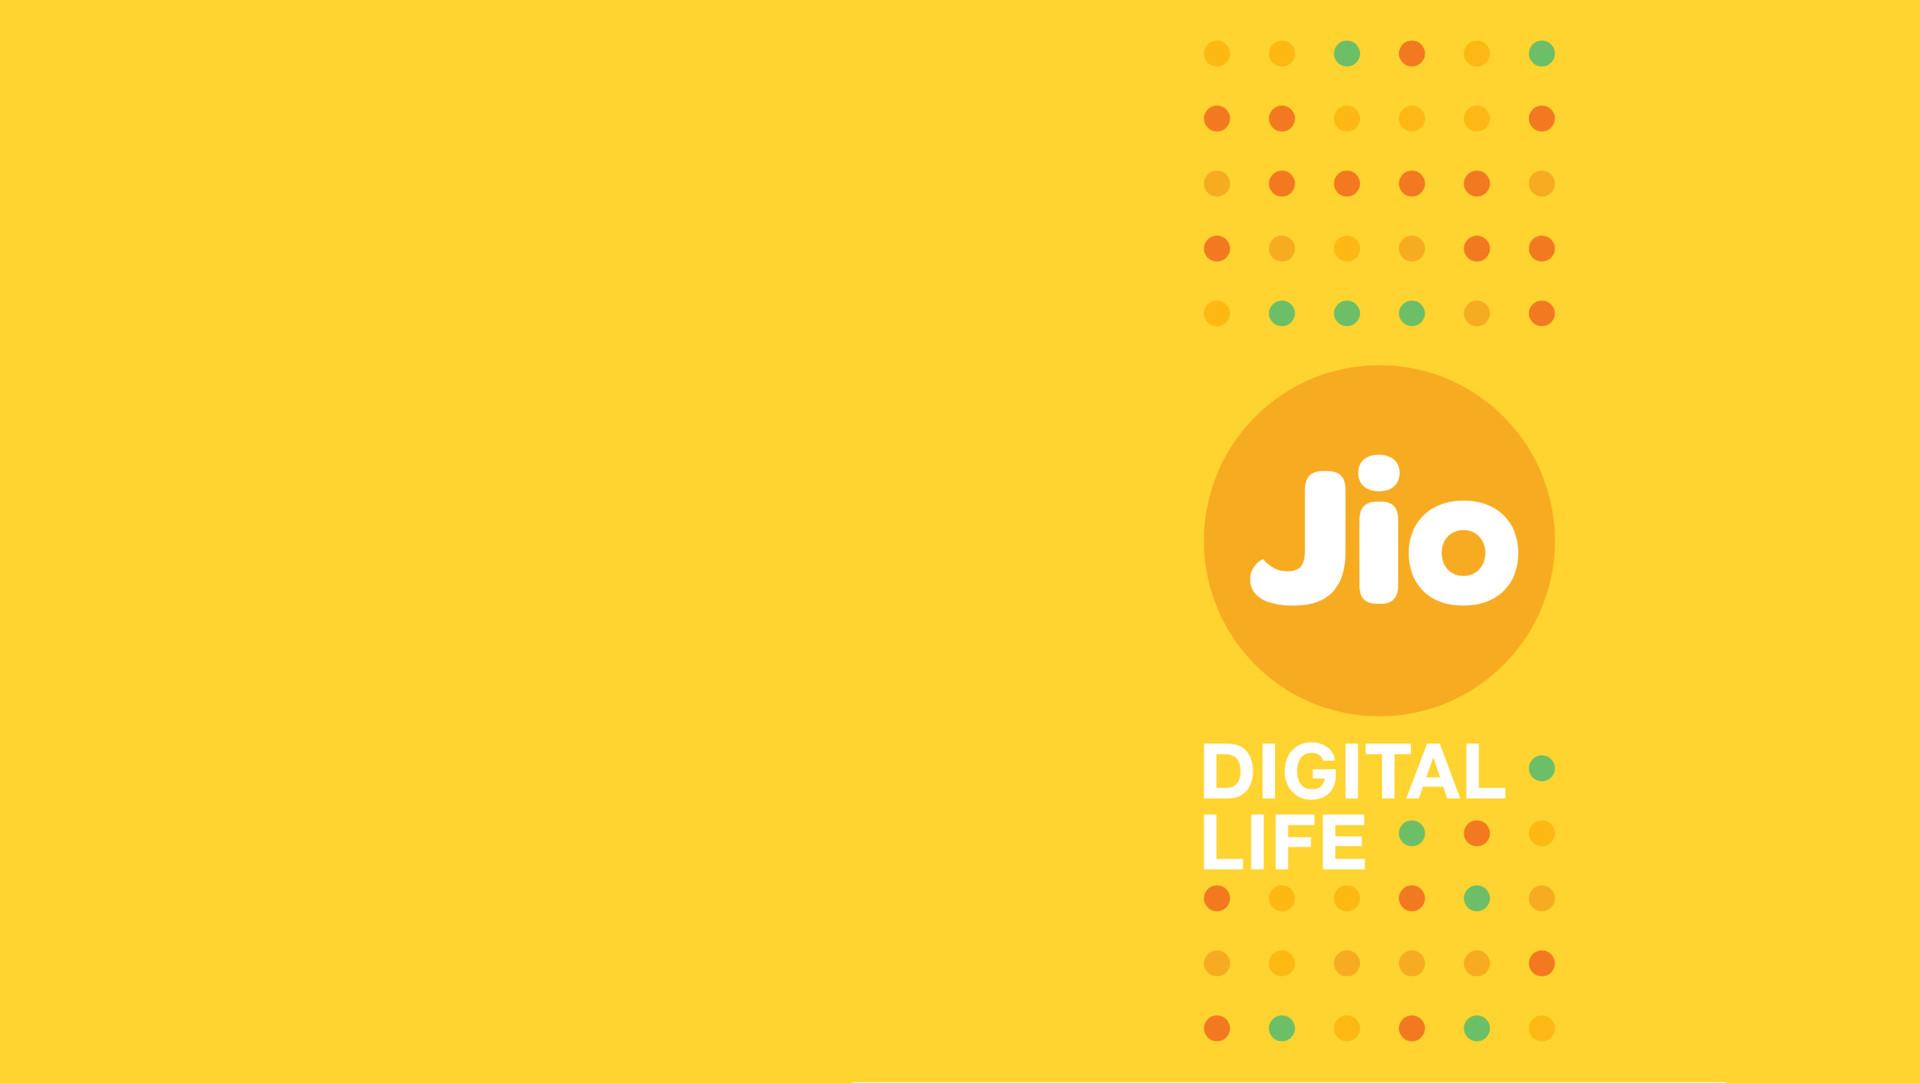 JioPhone - Contact me to unlock story (damn NDAs)